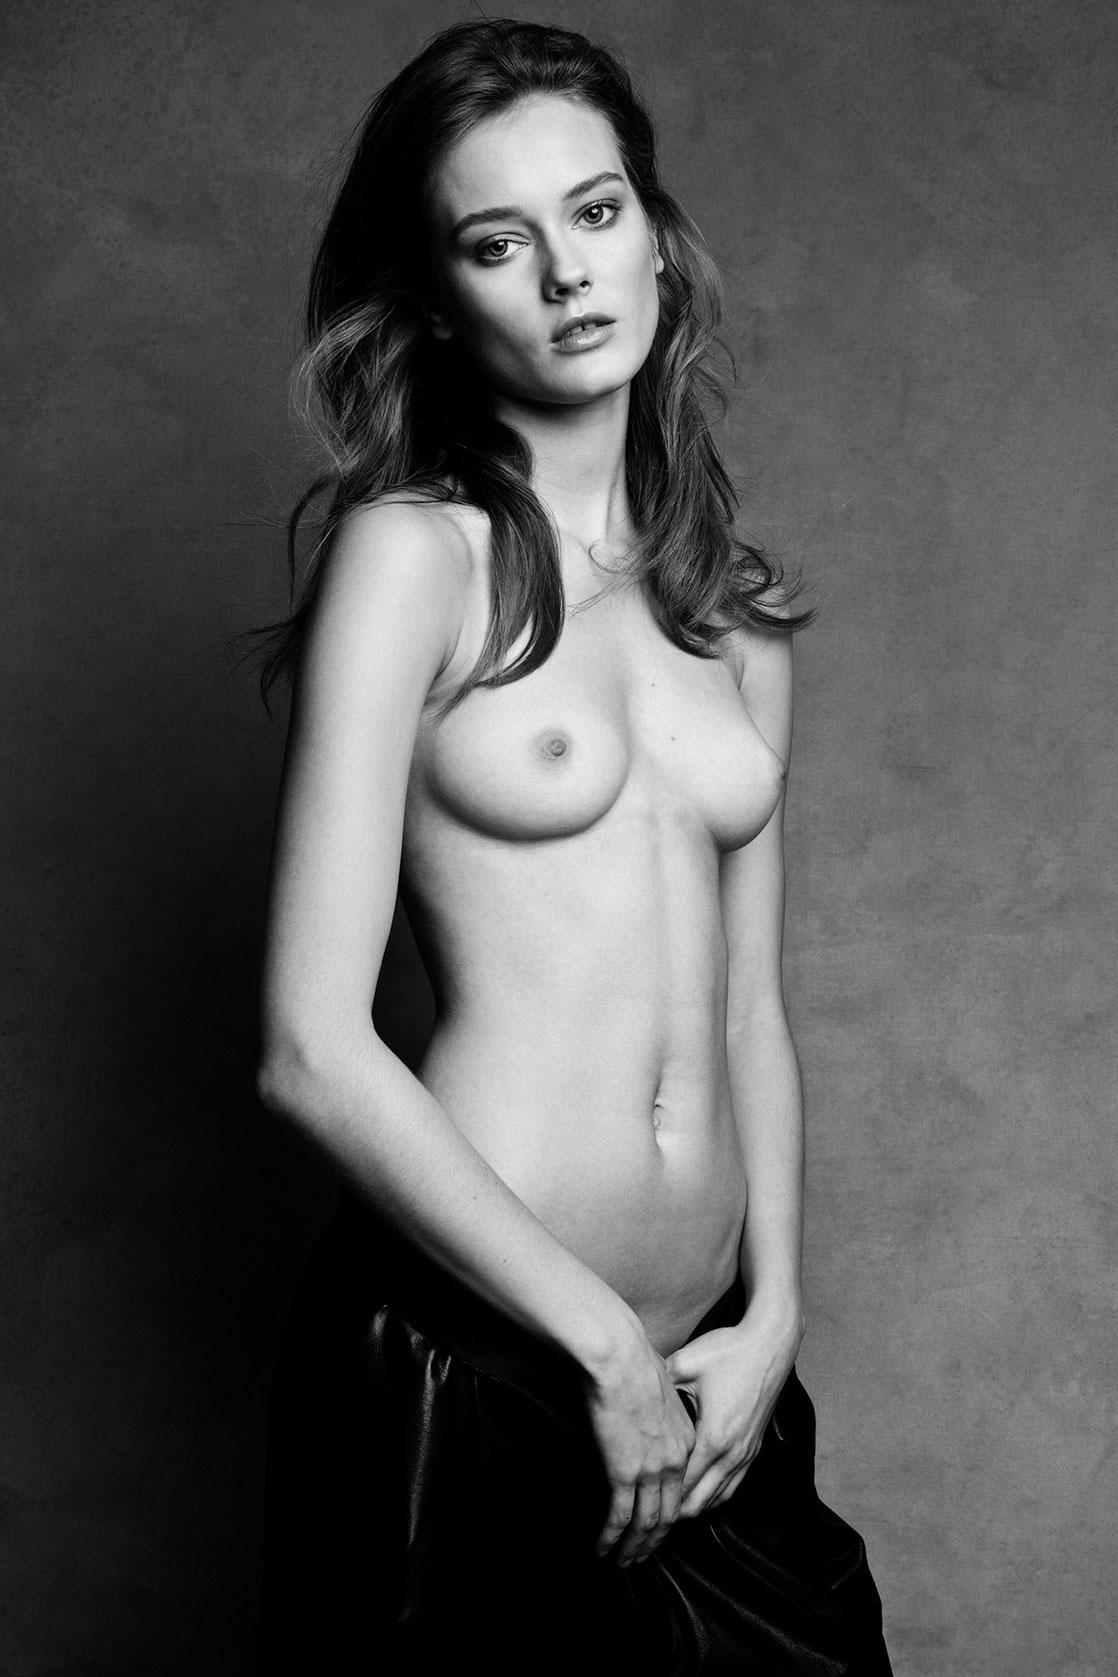 Топ модель голая 27 фотография